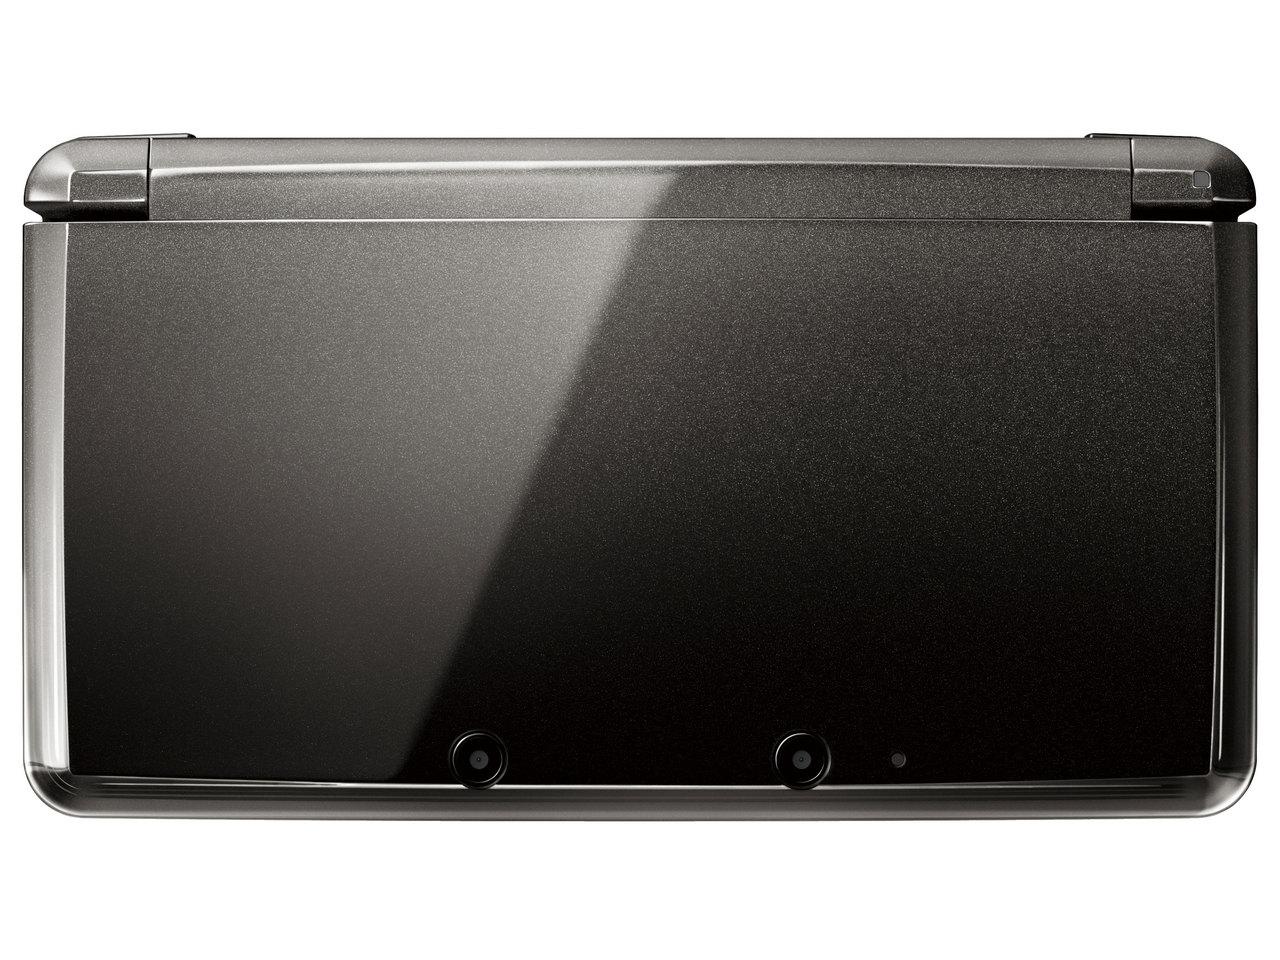 『本体 正面』 ニンテンドー3DS コスモブラック の製品画像